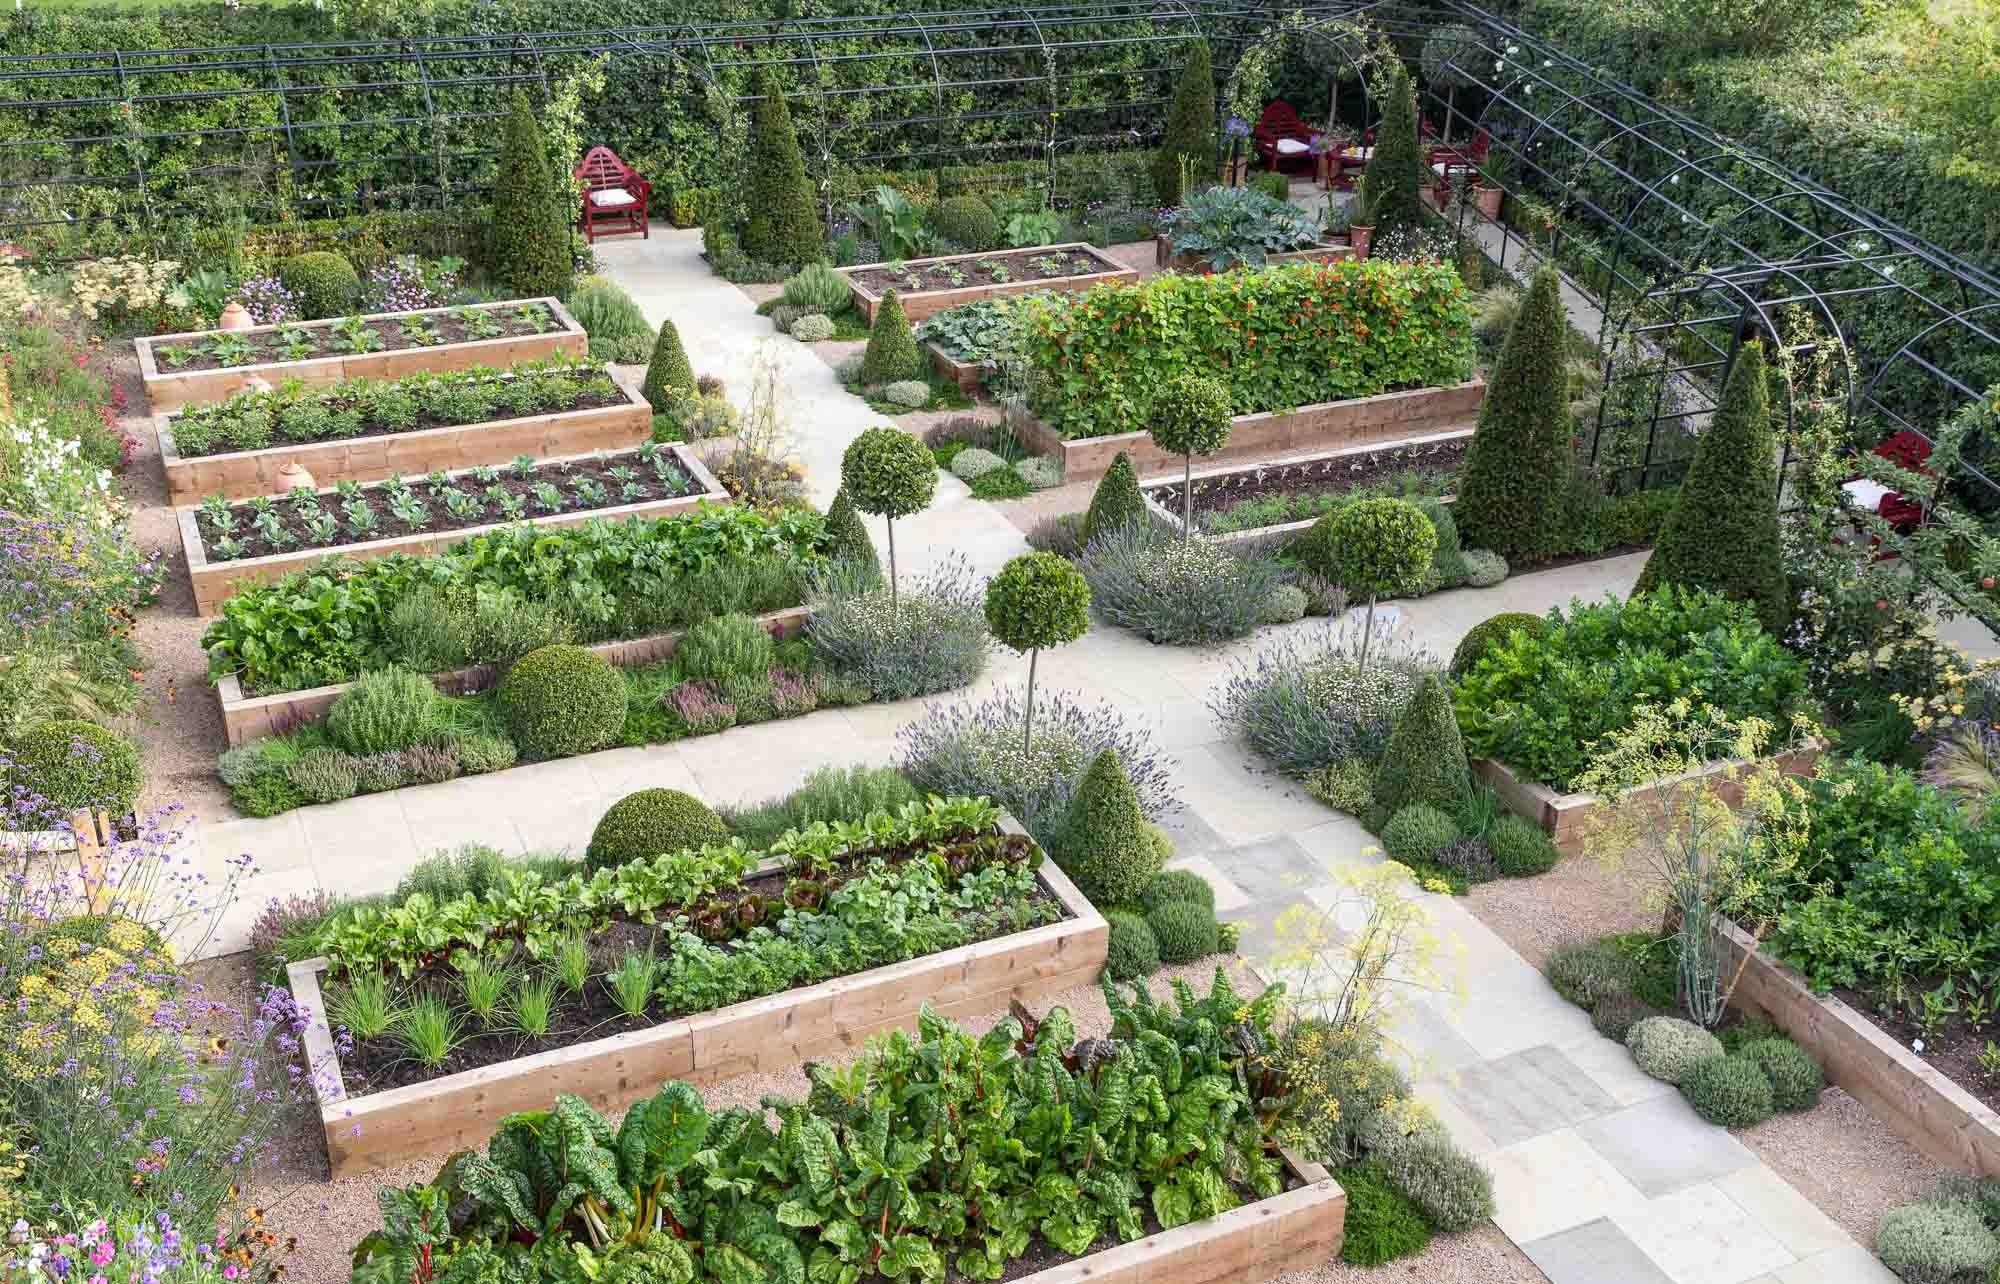 Kitchen Garden Garden Design Landscaping Project 400 x 300